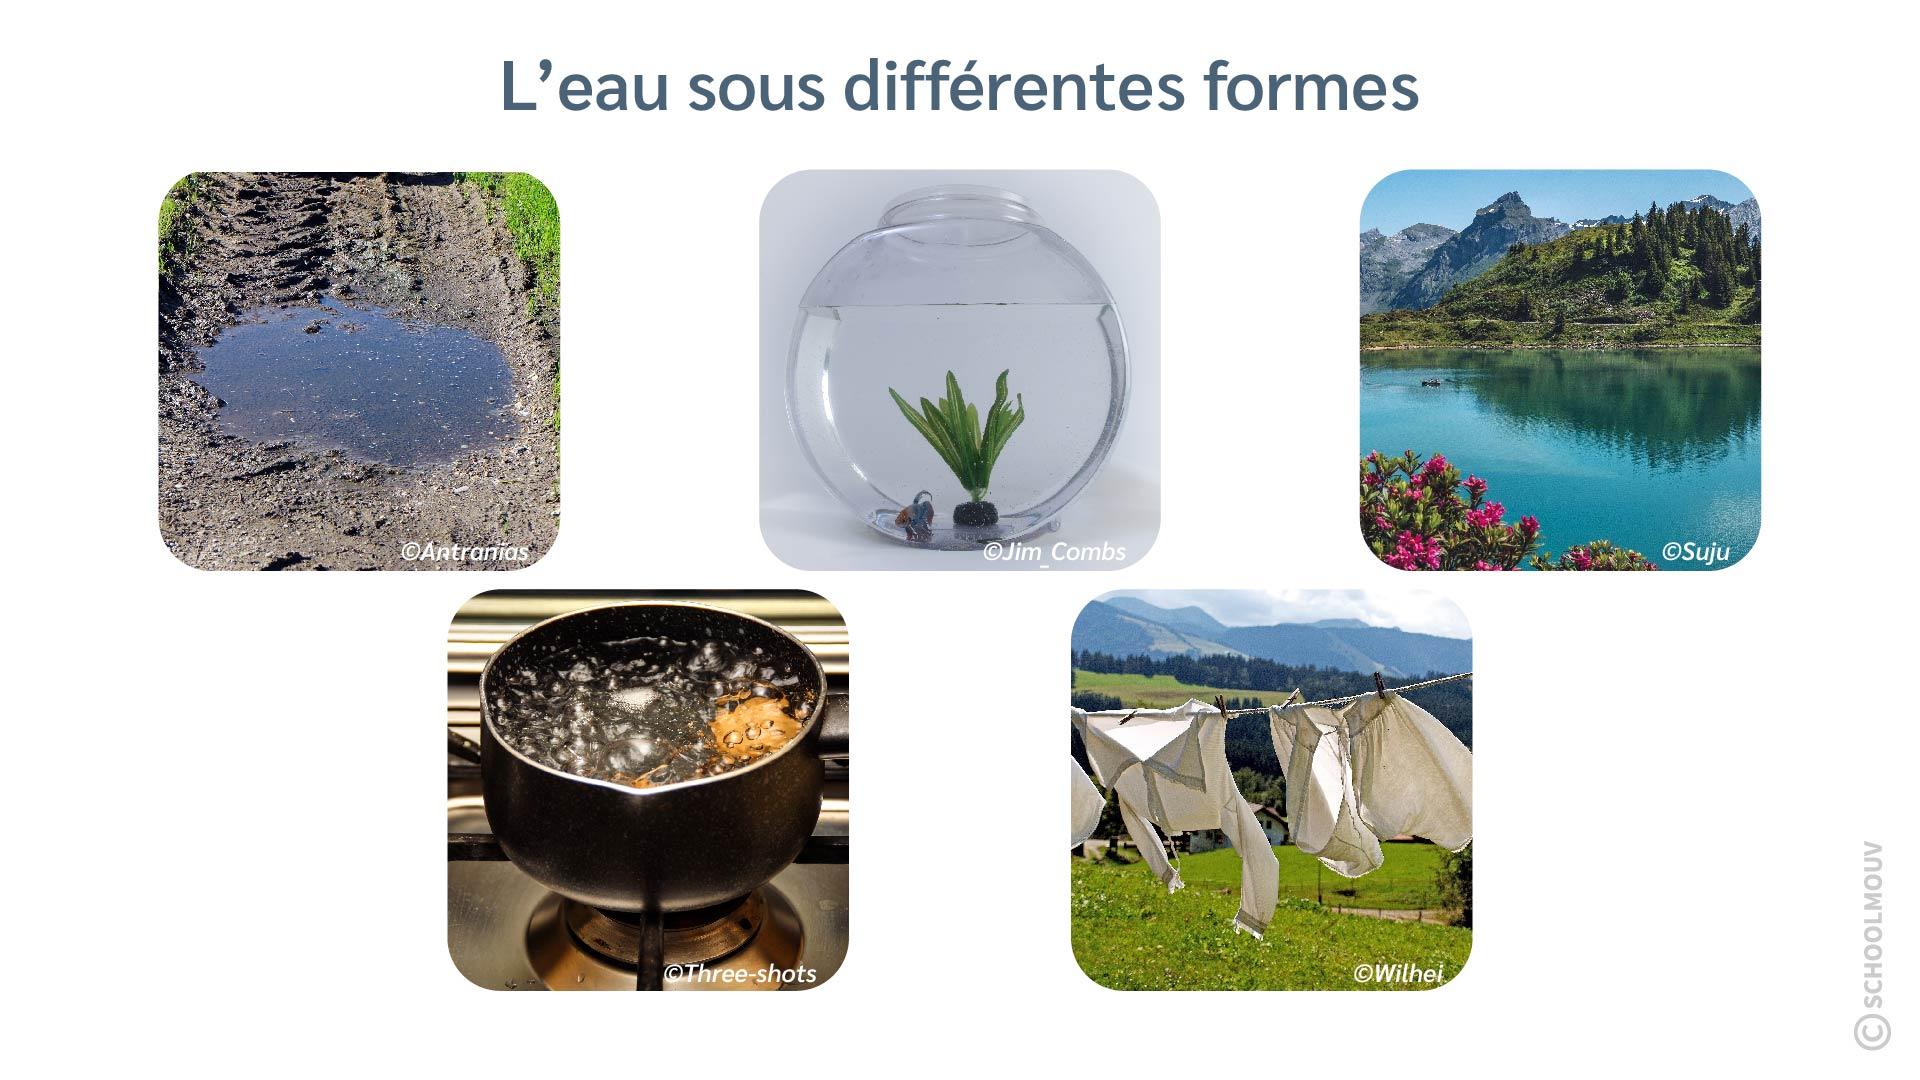 Eau - Flaque - Bocal - Lac - Bouillir - Sécher - Linge - Vapeur - Liquide - SchoolMouv - Sciences - CE2